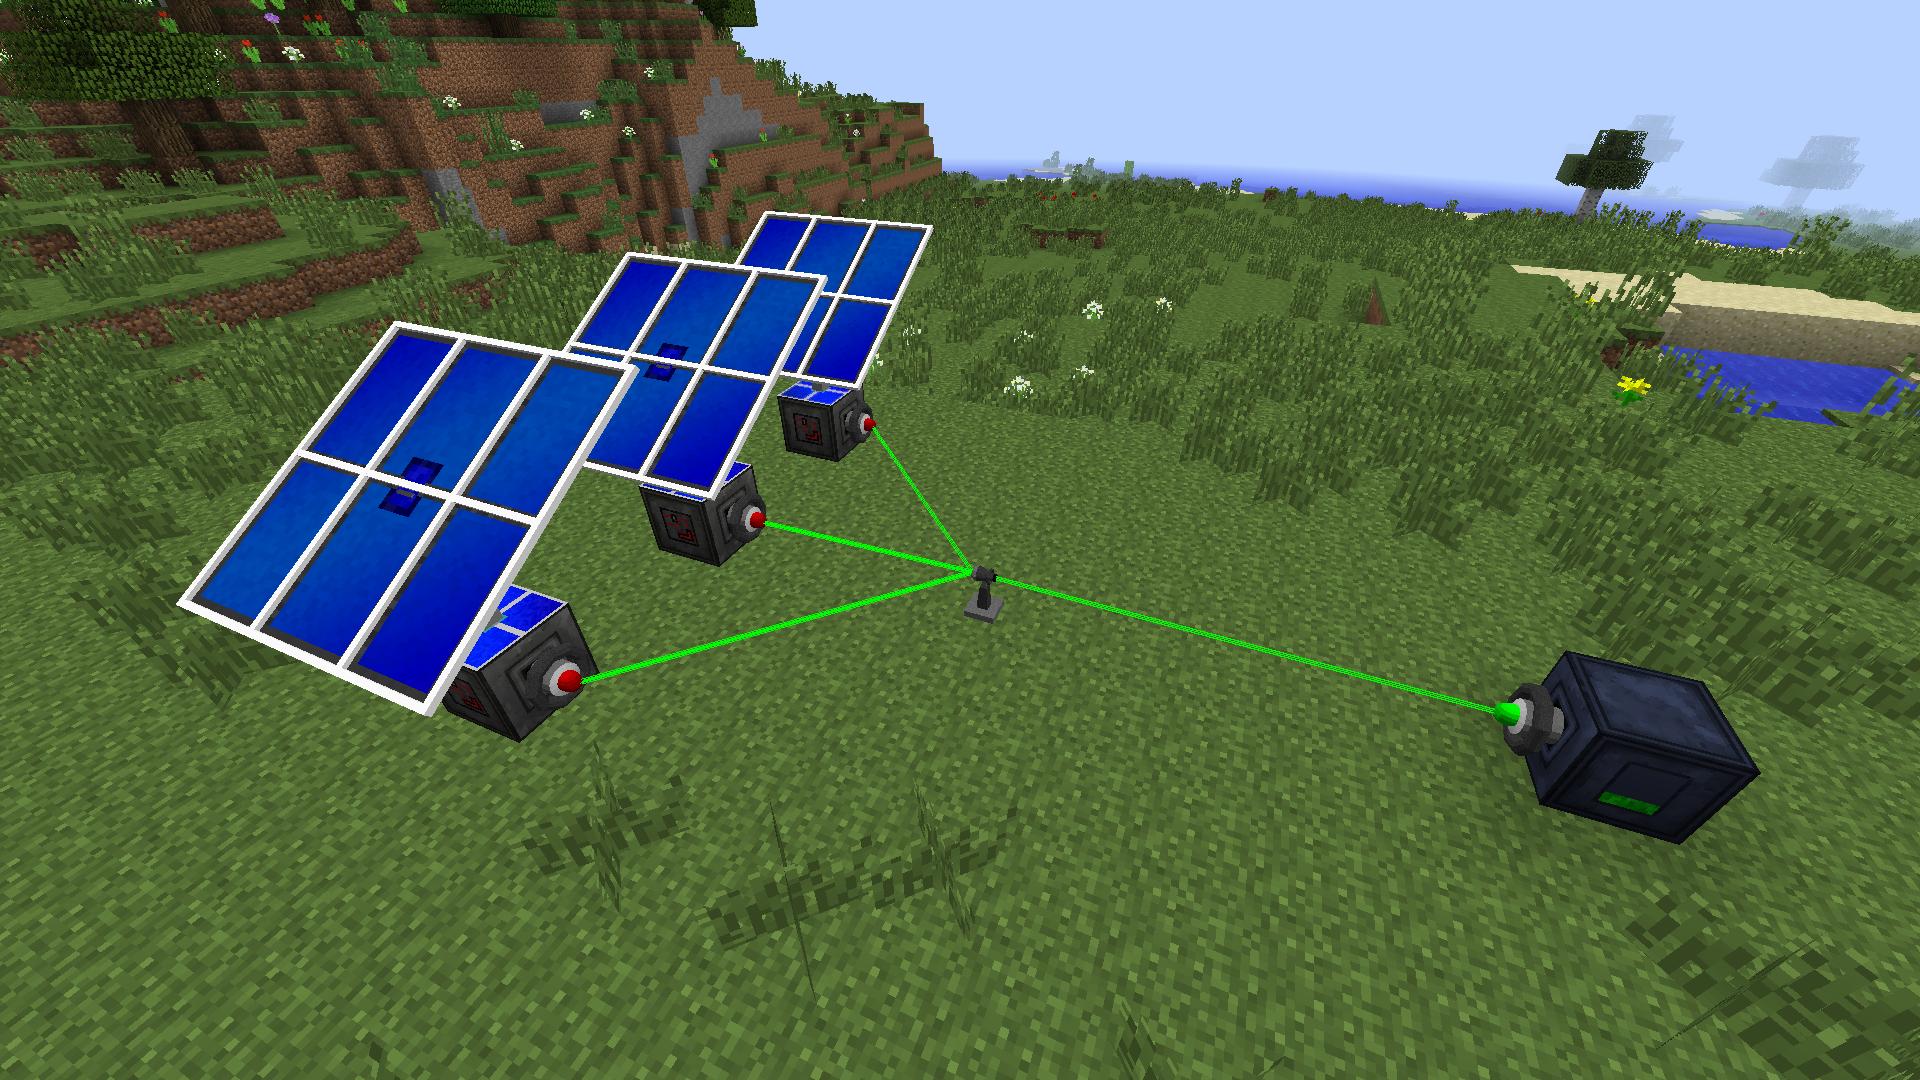 Сборка Minecraft 1.7.10 - (КОСМОС) (Material Energy^4) Сборки Модов Minecraft (№13)